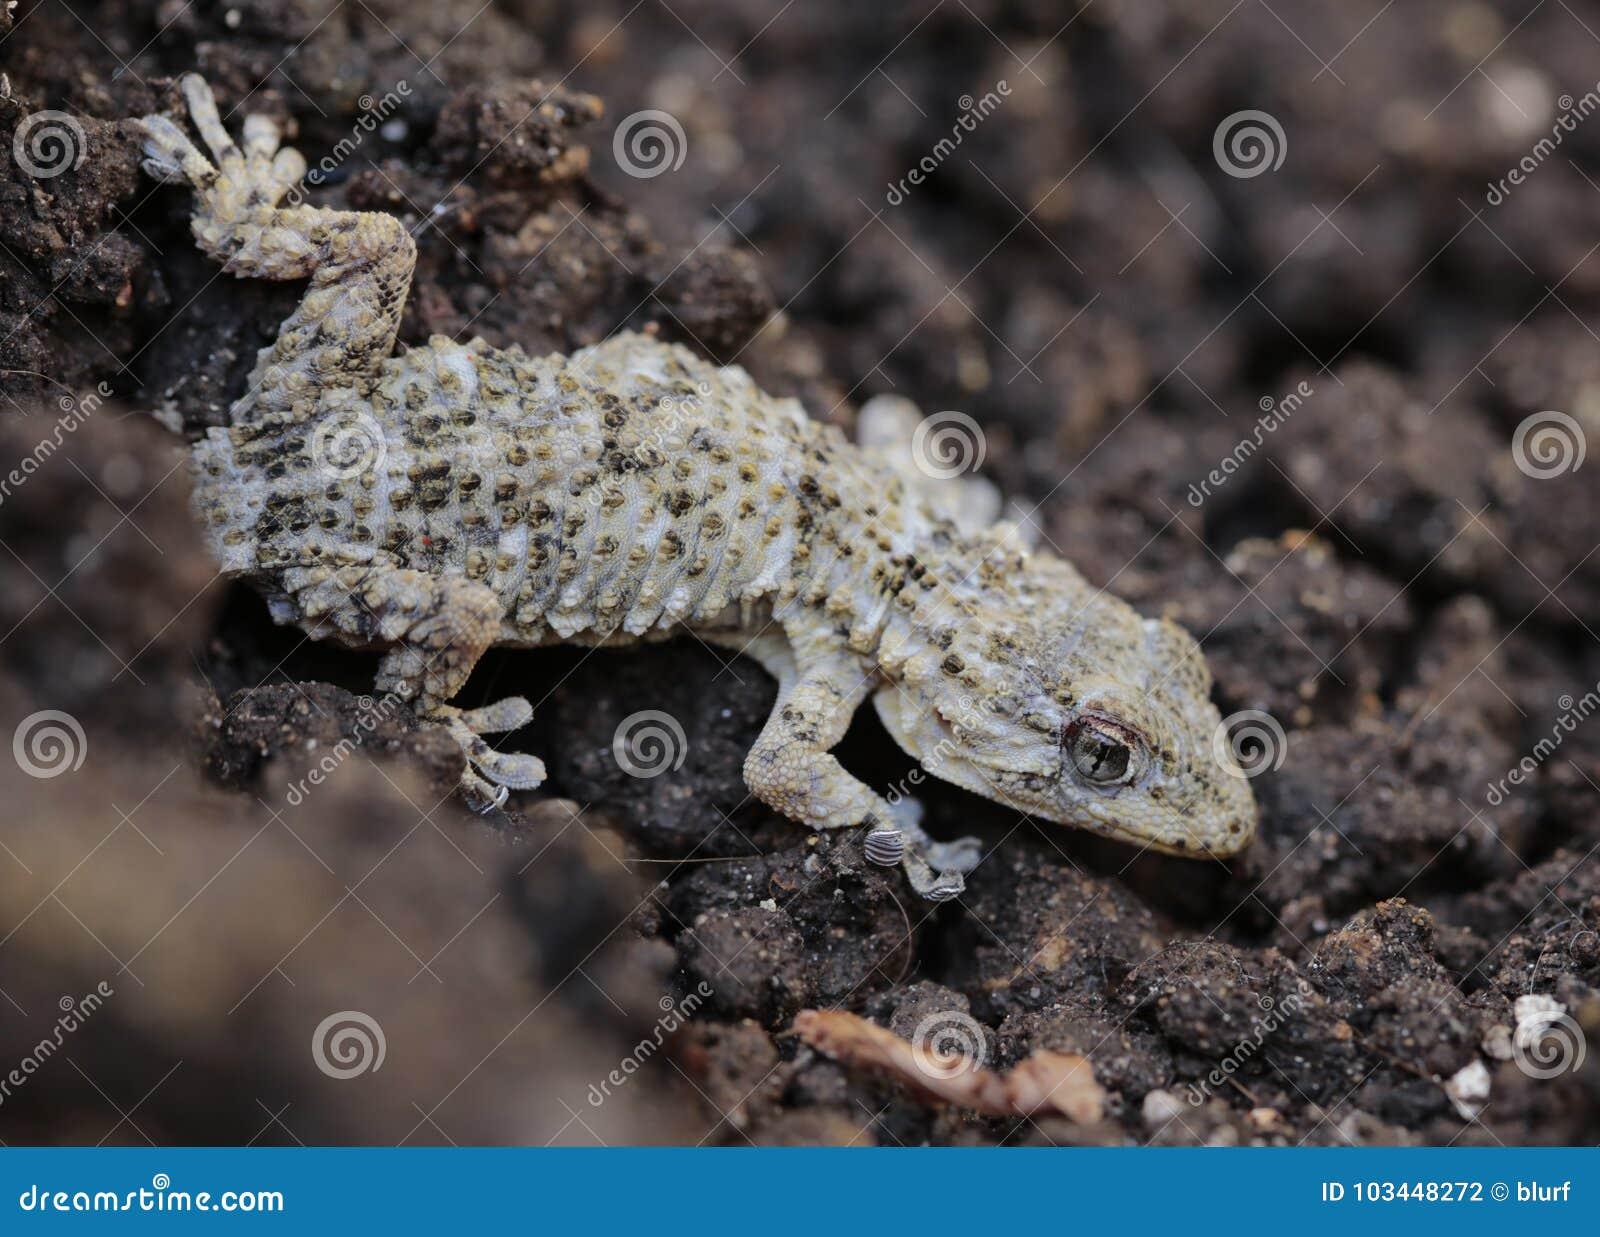 Mediterranean Tarentola mauritanica lizard detail